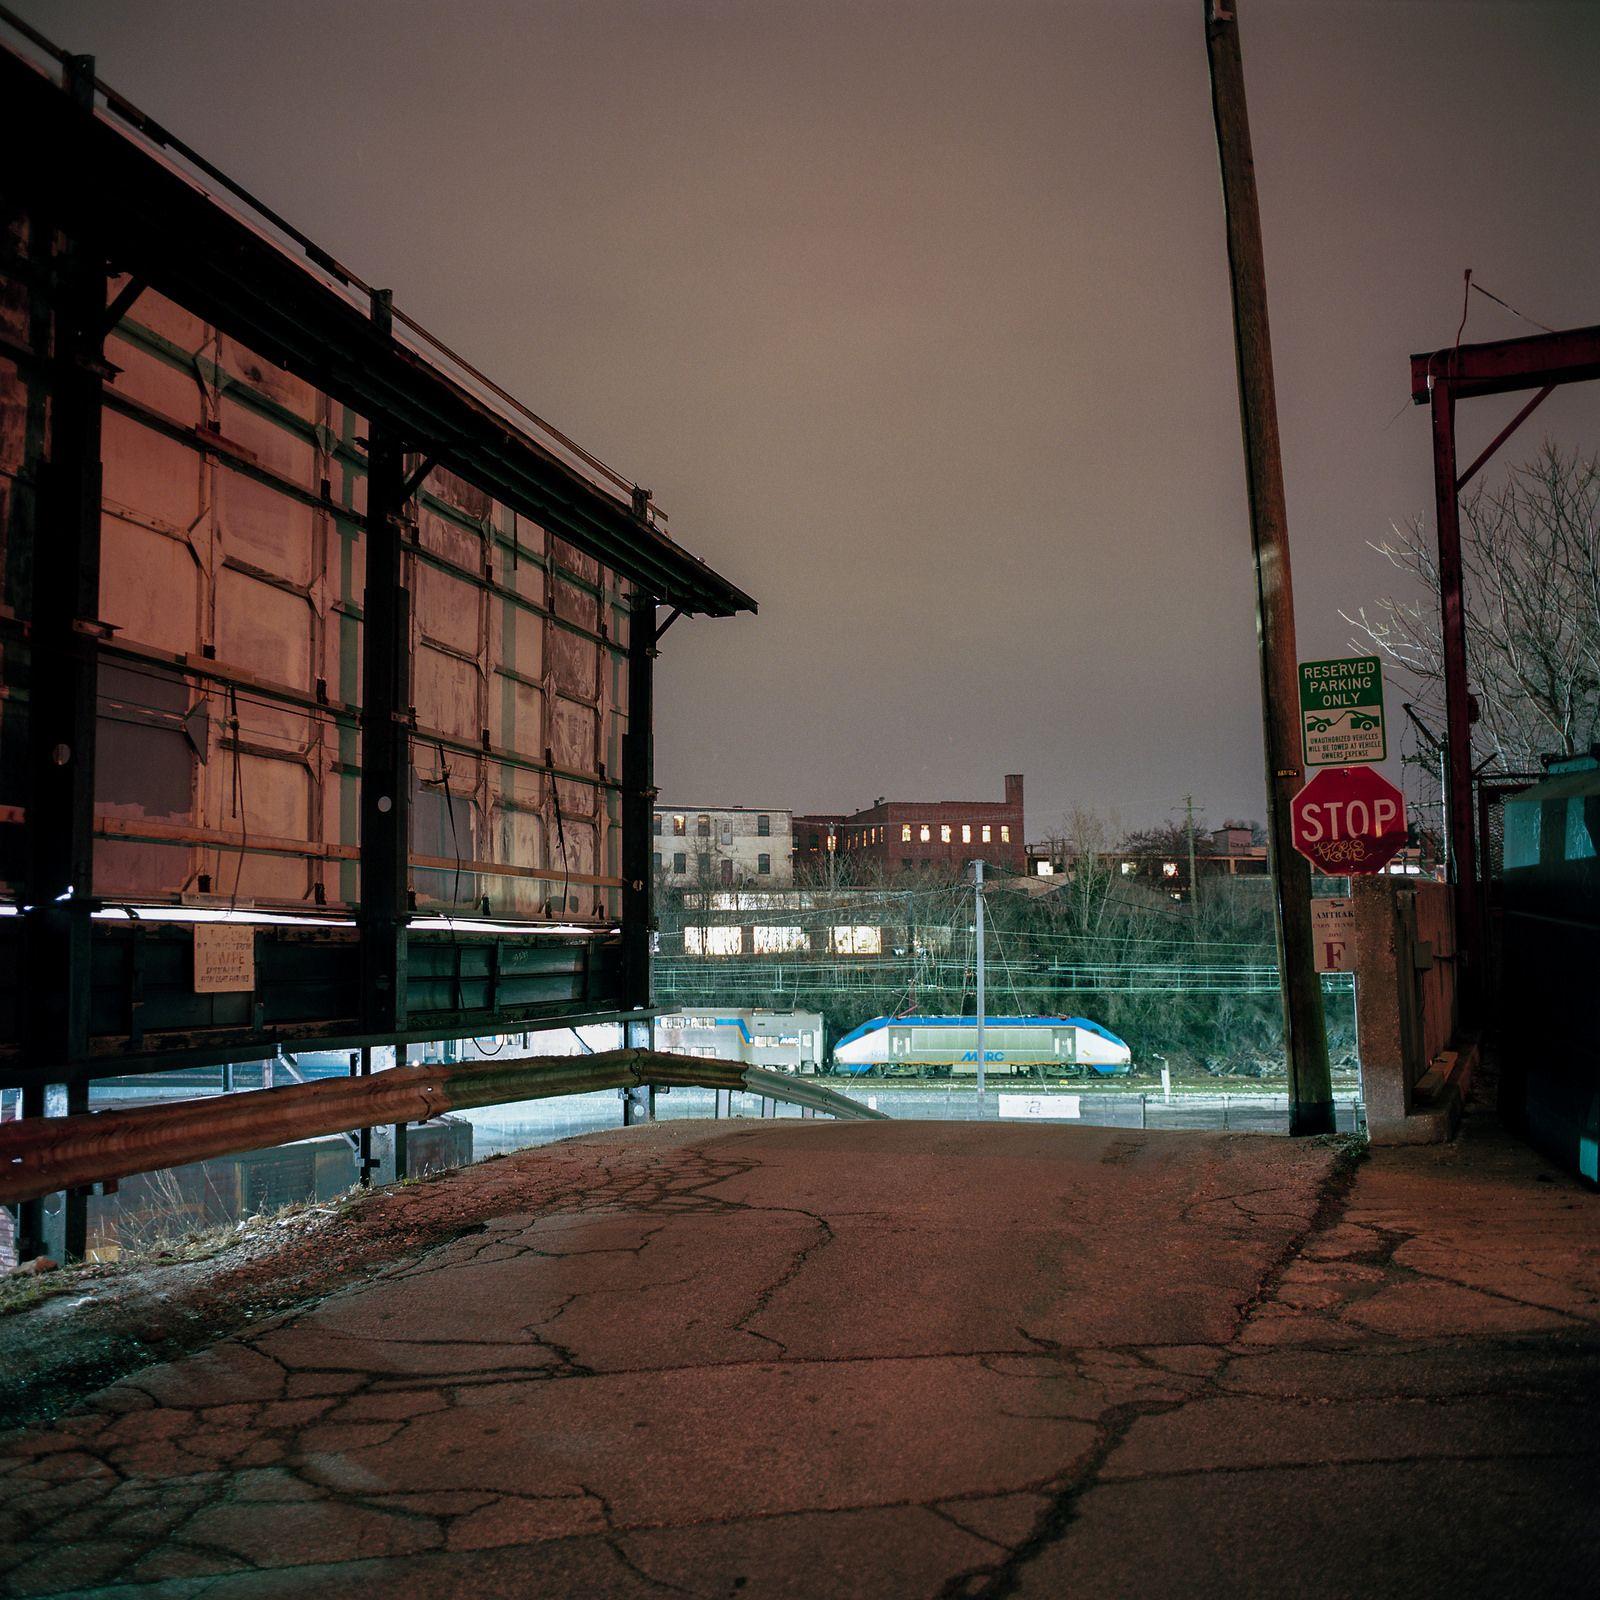 https://flic.kr/p/NWCuAV | Untitled | patrickjoust | flickr | tumblr | instagram | facebook | books  ...  Mamiya C330 S and Sekor 55mm f/4.5  Kodak Portra 160